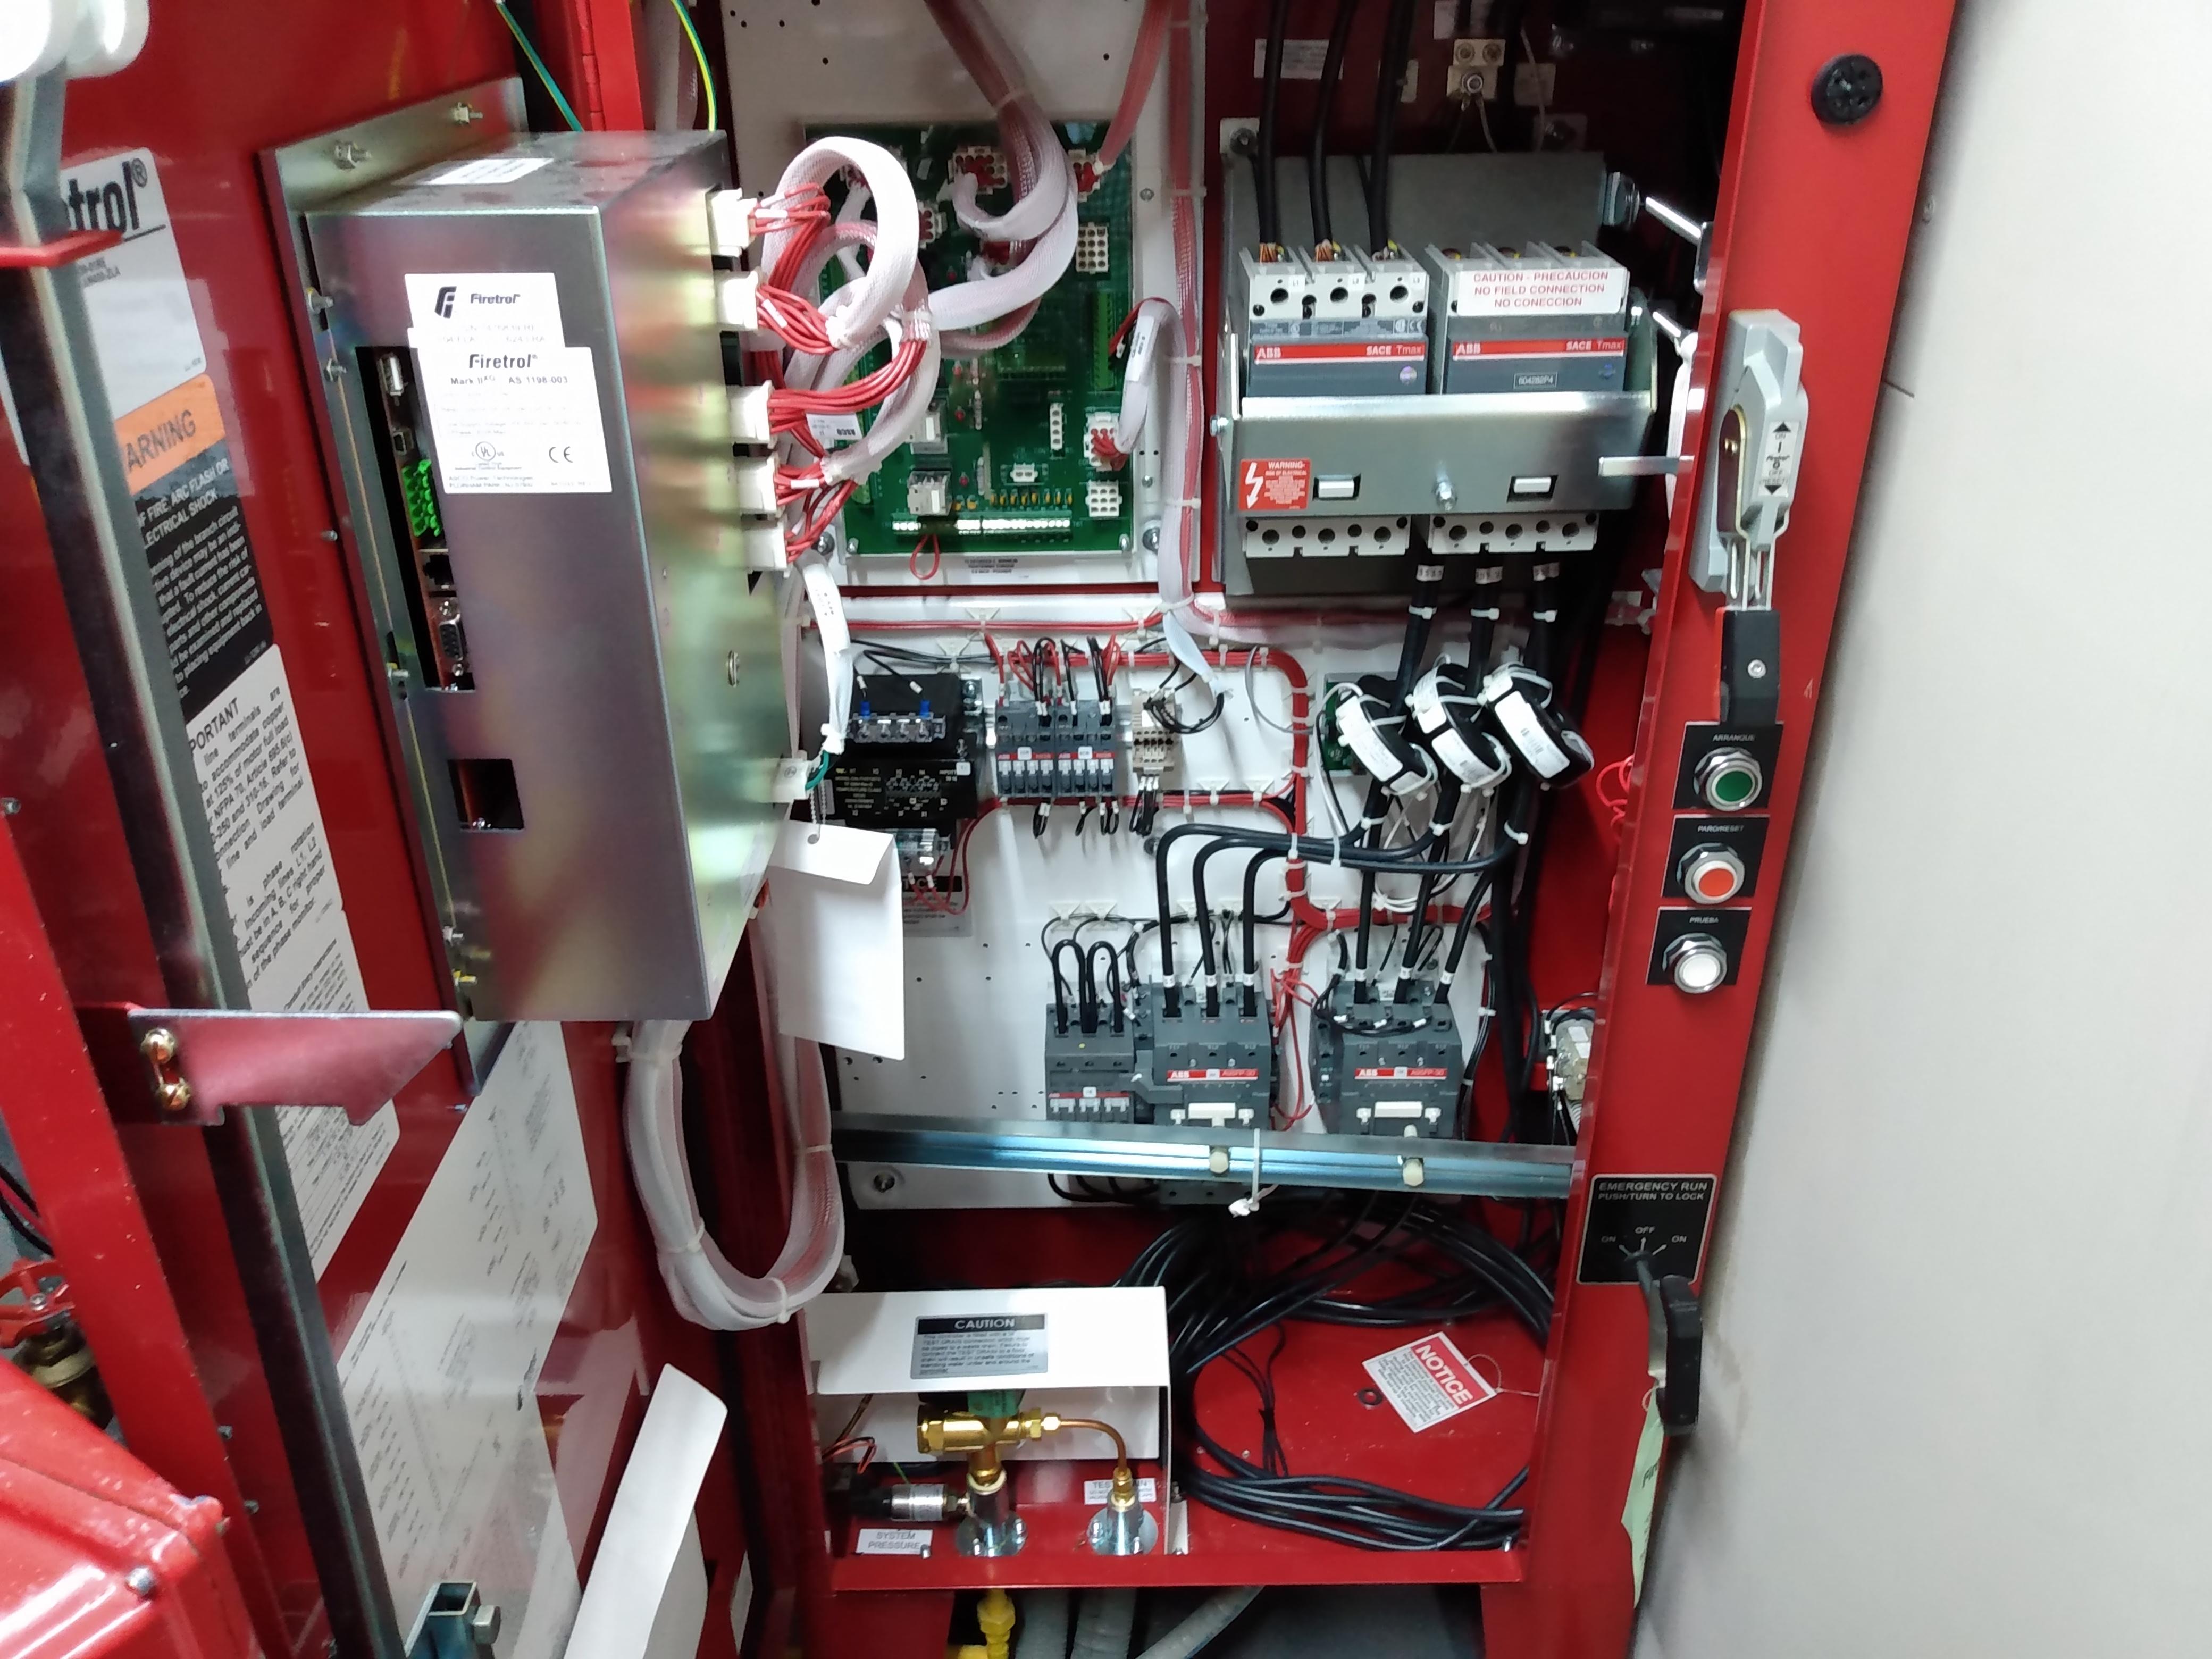 Verificación funcionamiento de cada uno de los componentes del tablero de control.